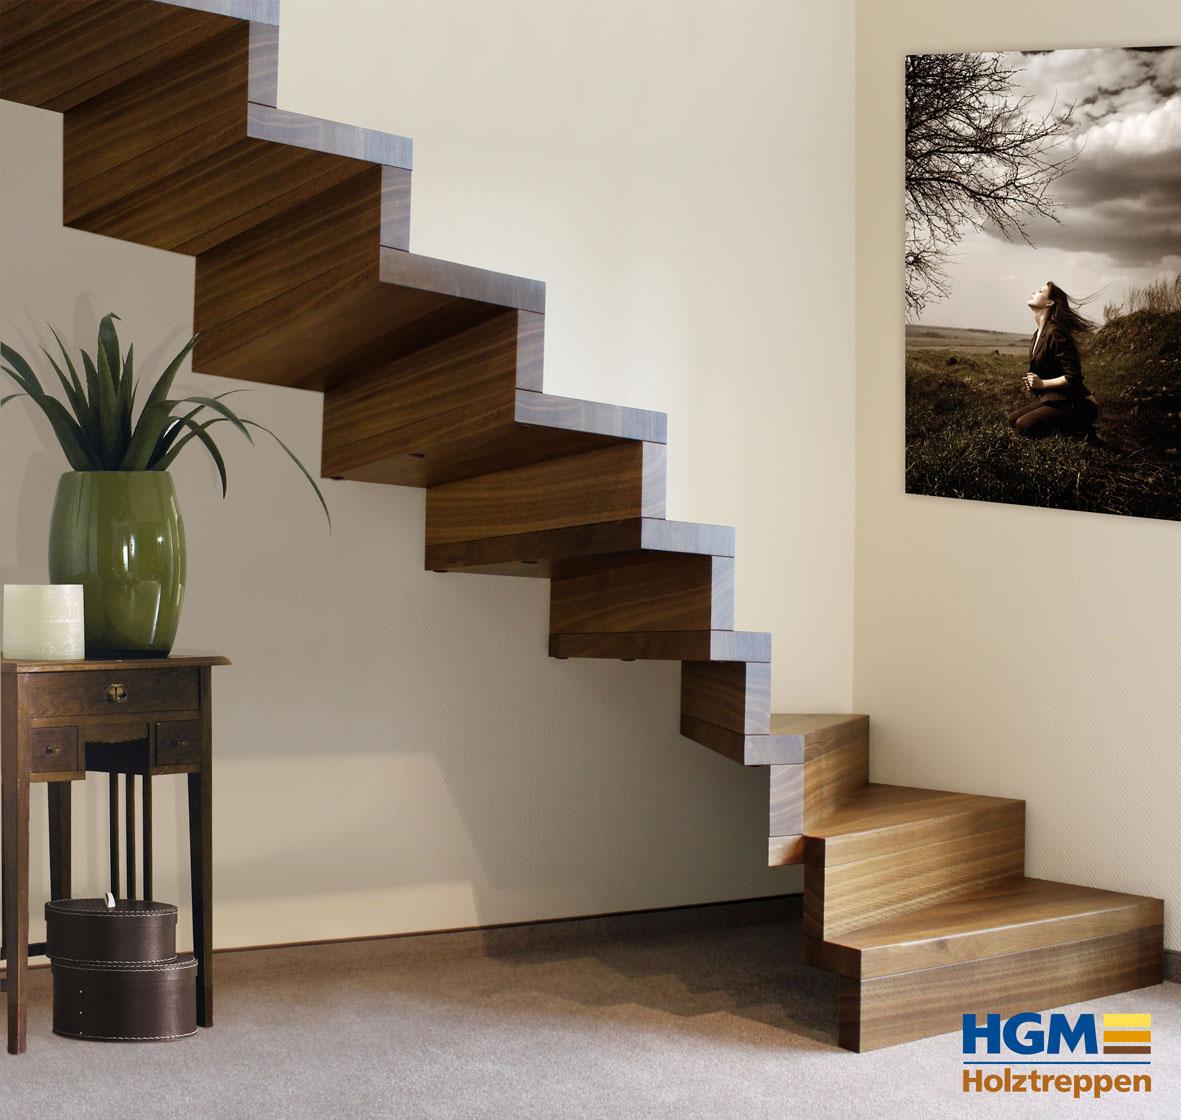 vejaalguns modelos de escadasem madeira : #024591 1181x1120